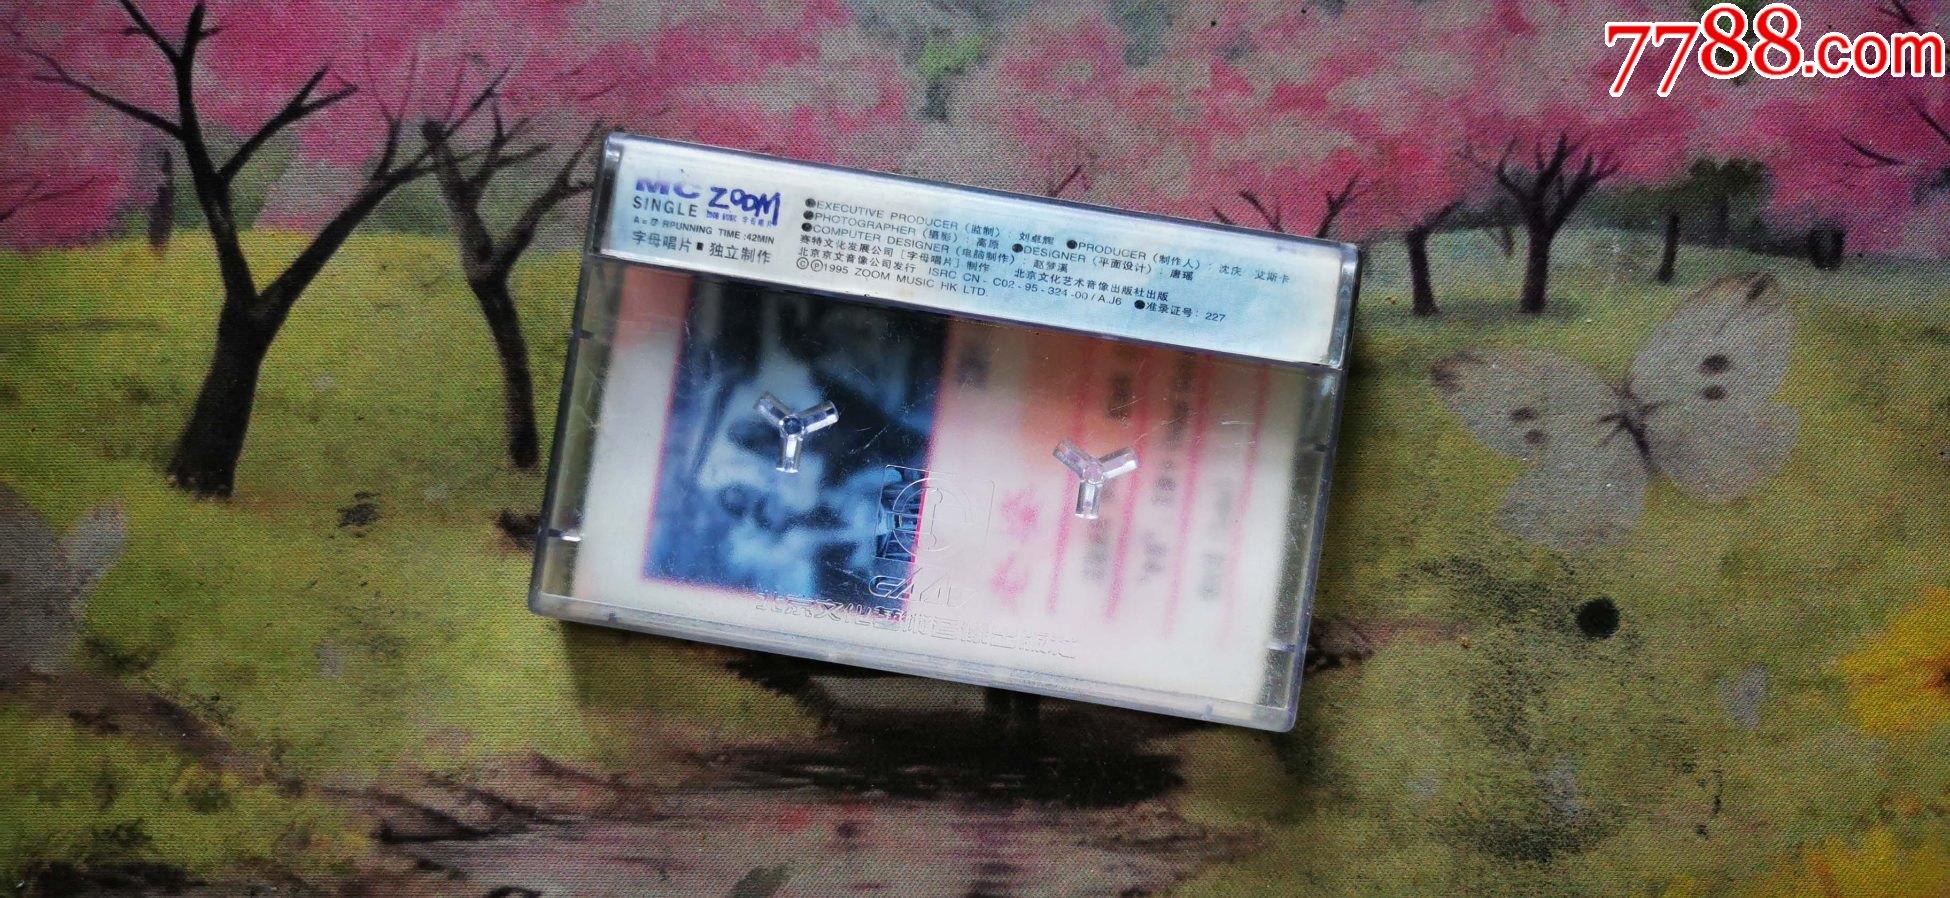 【灰狼艾斯卡】【老婆】【磁带】_价格84元_第3张_